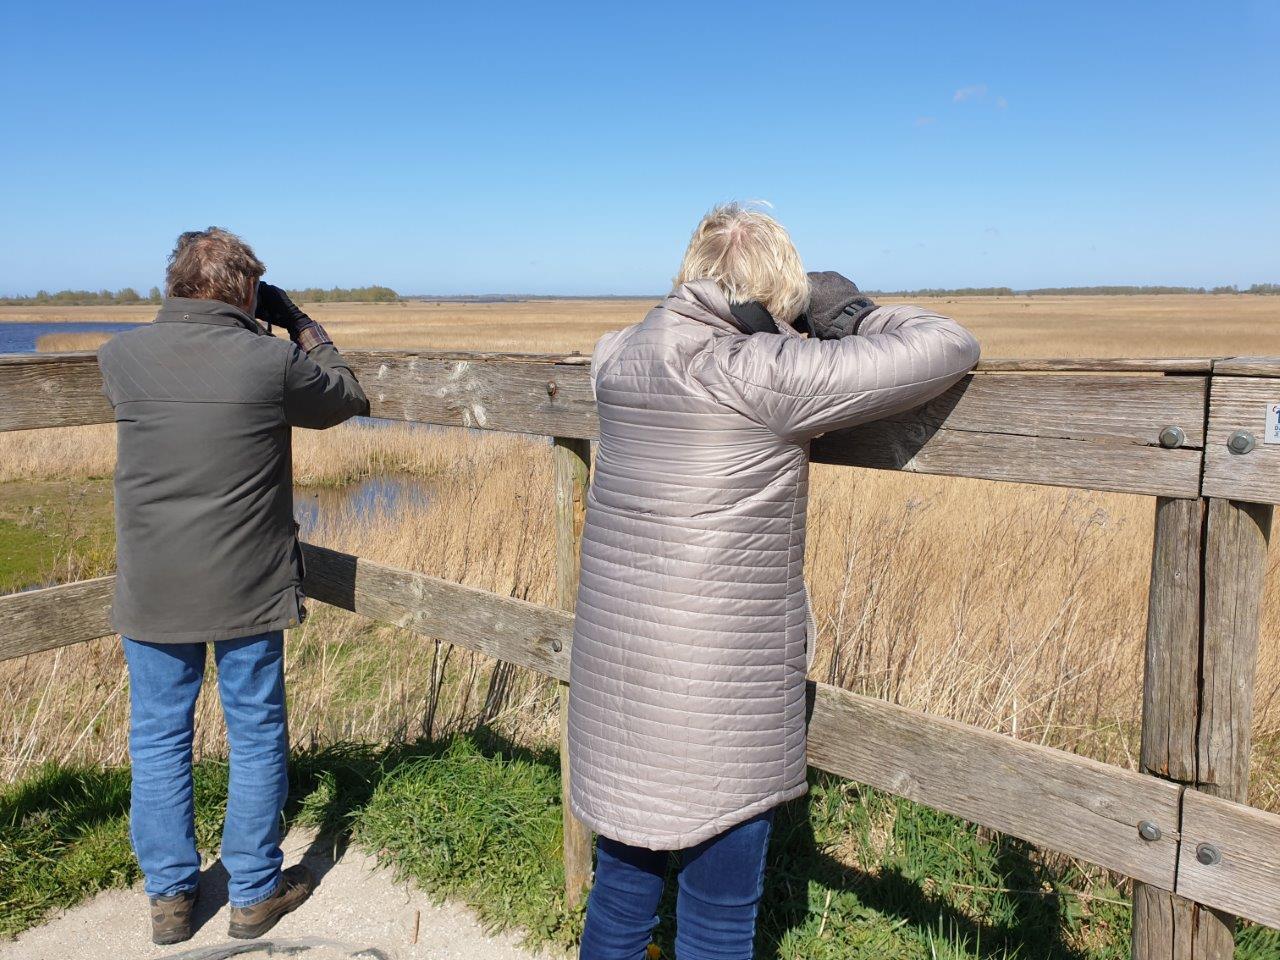 Kijken naar Bruine Kiekendieven